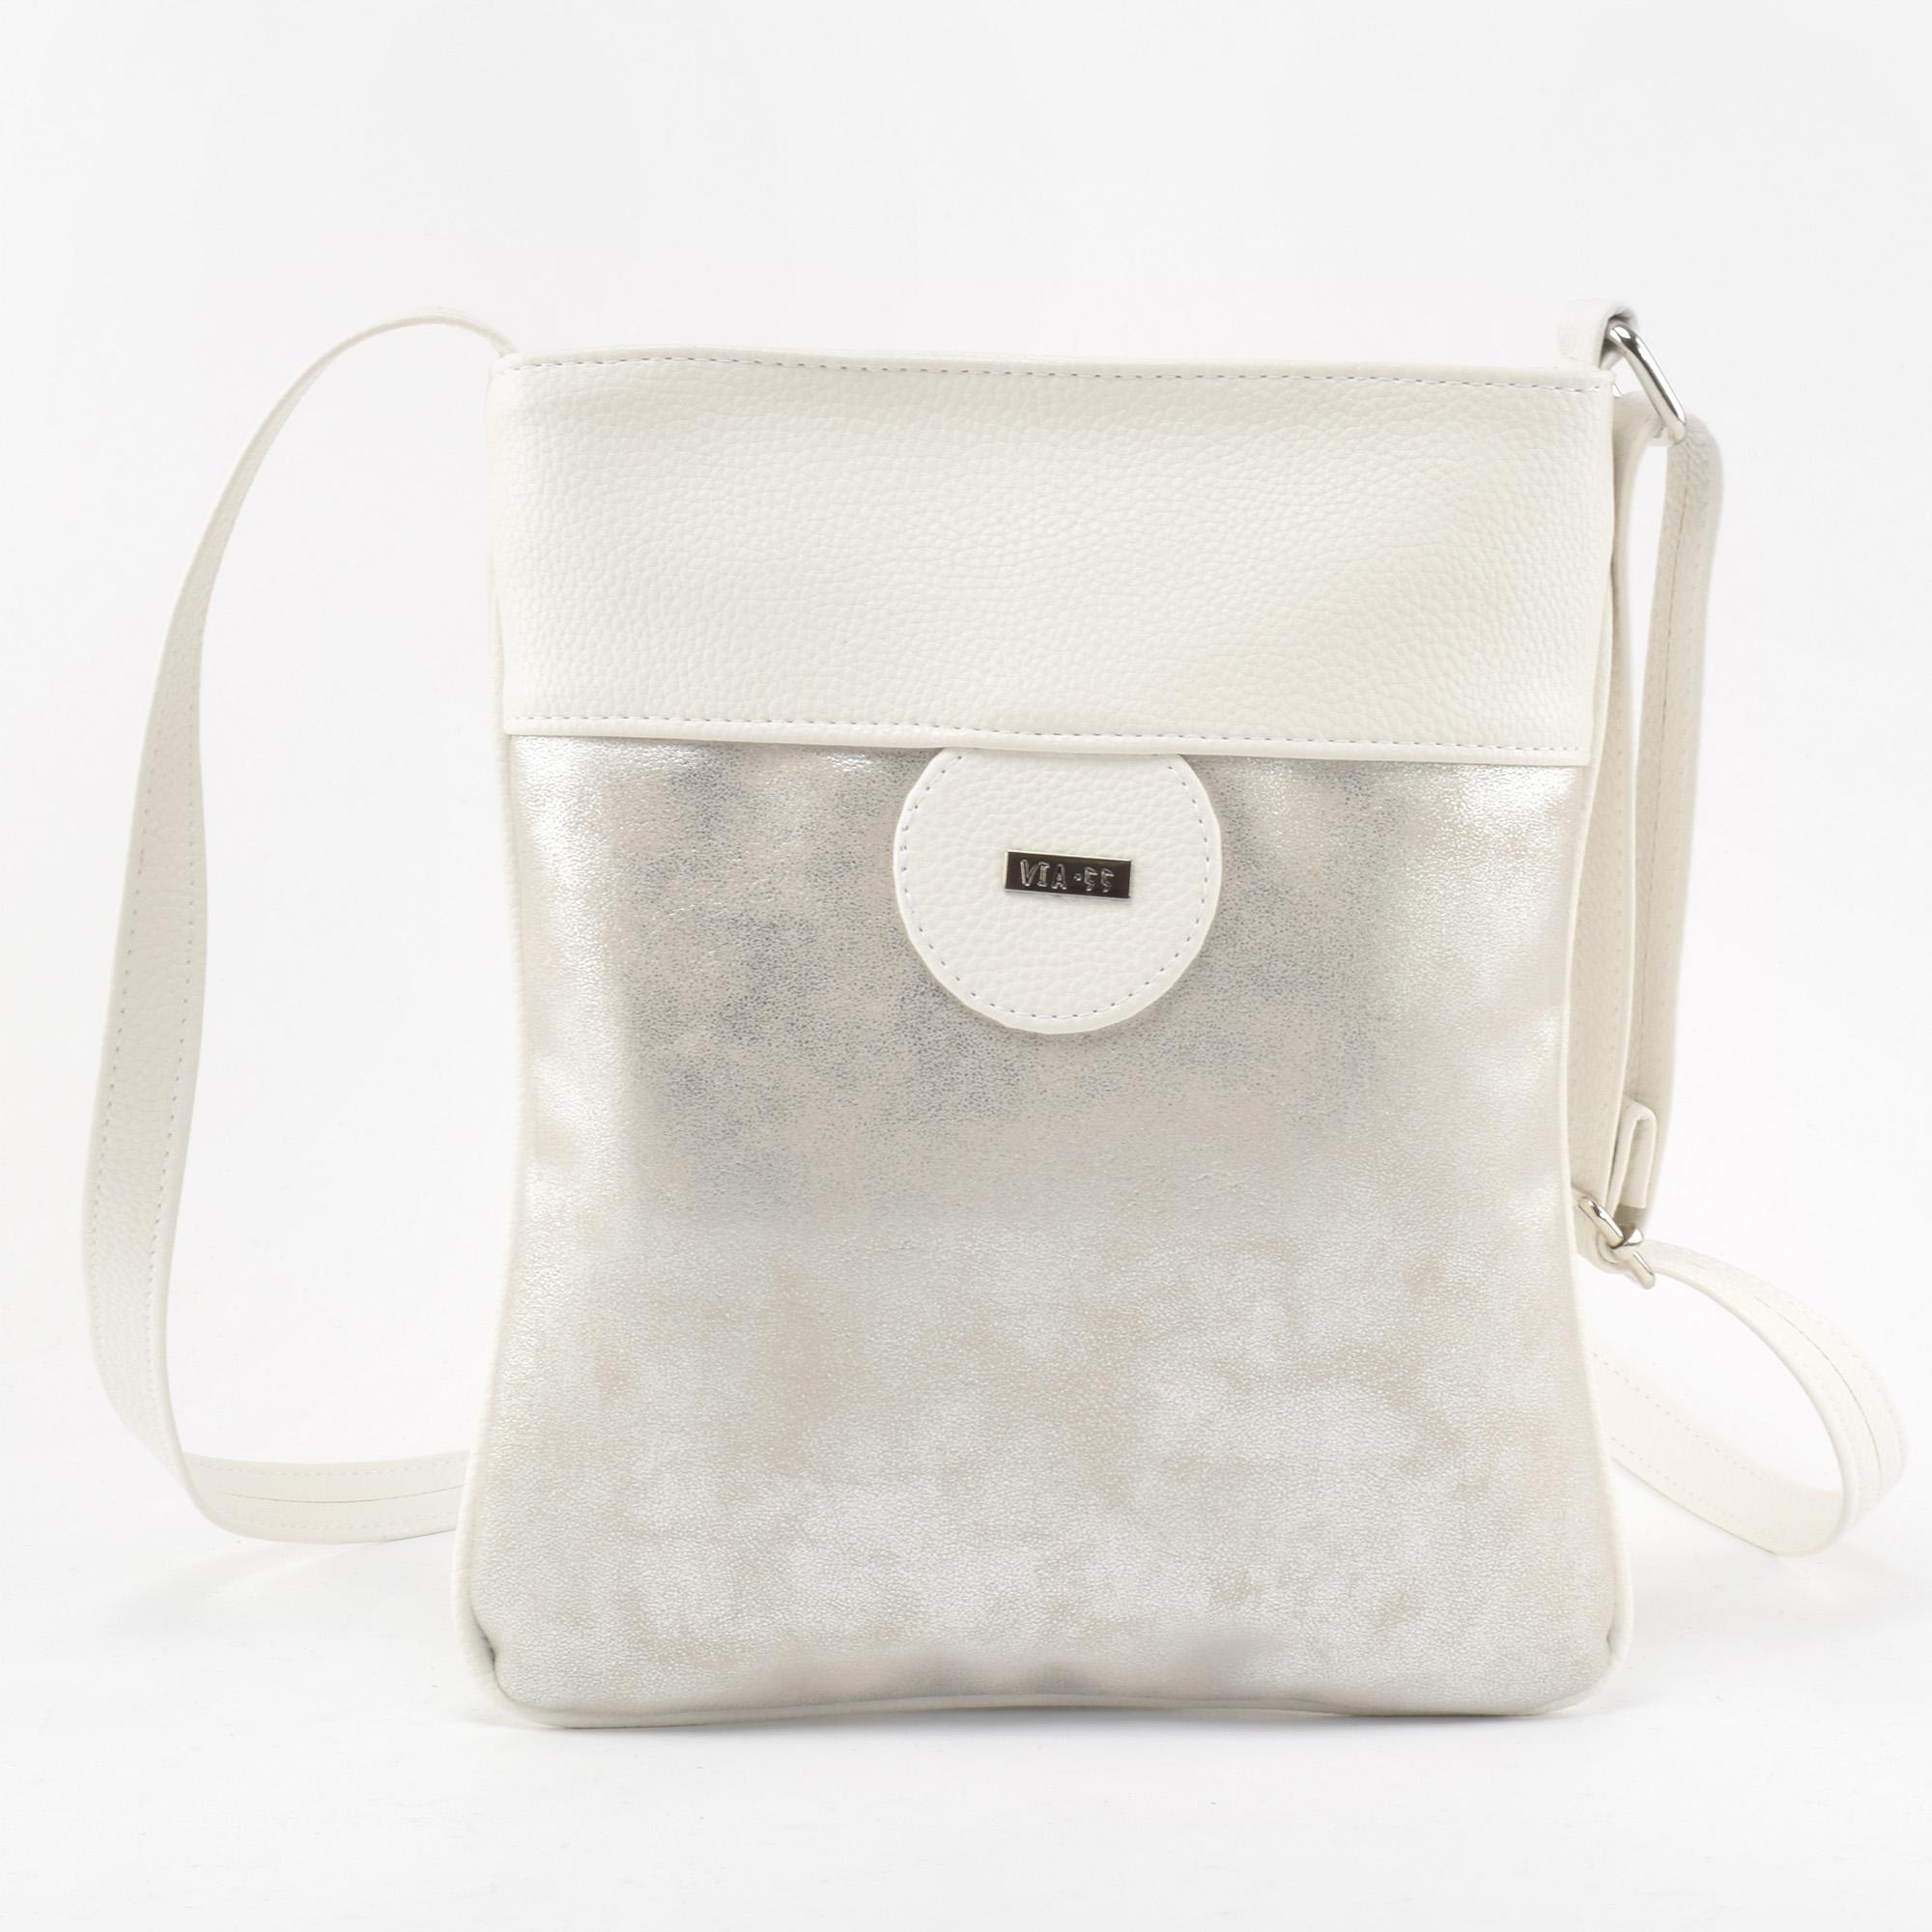 bc557d314e Via 55 Ezüst Női Rostbőr Válltáska - Oldaltáskák - Táska webáruház -  Minőségi táskák mindenkinek